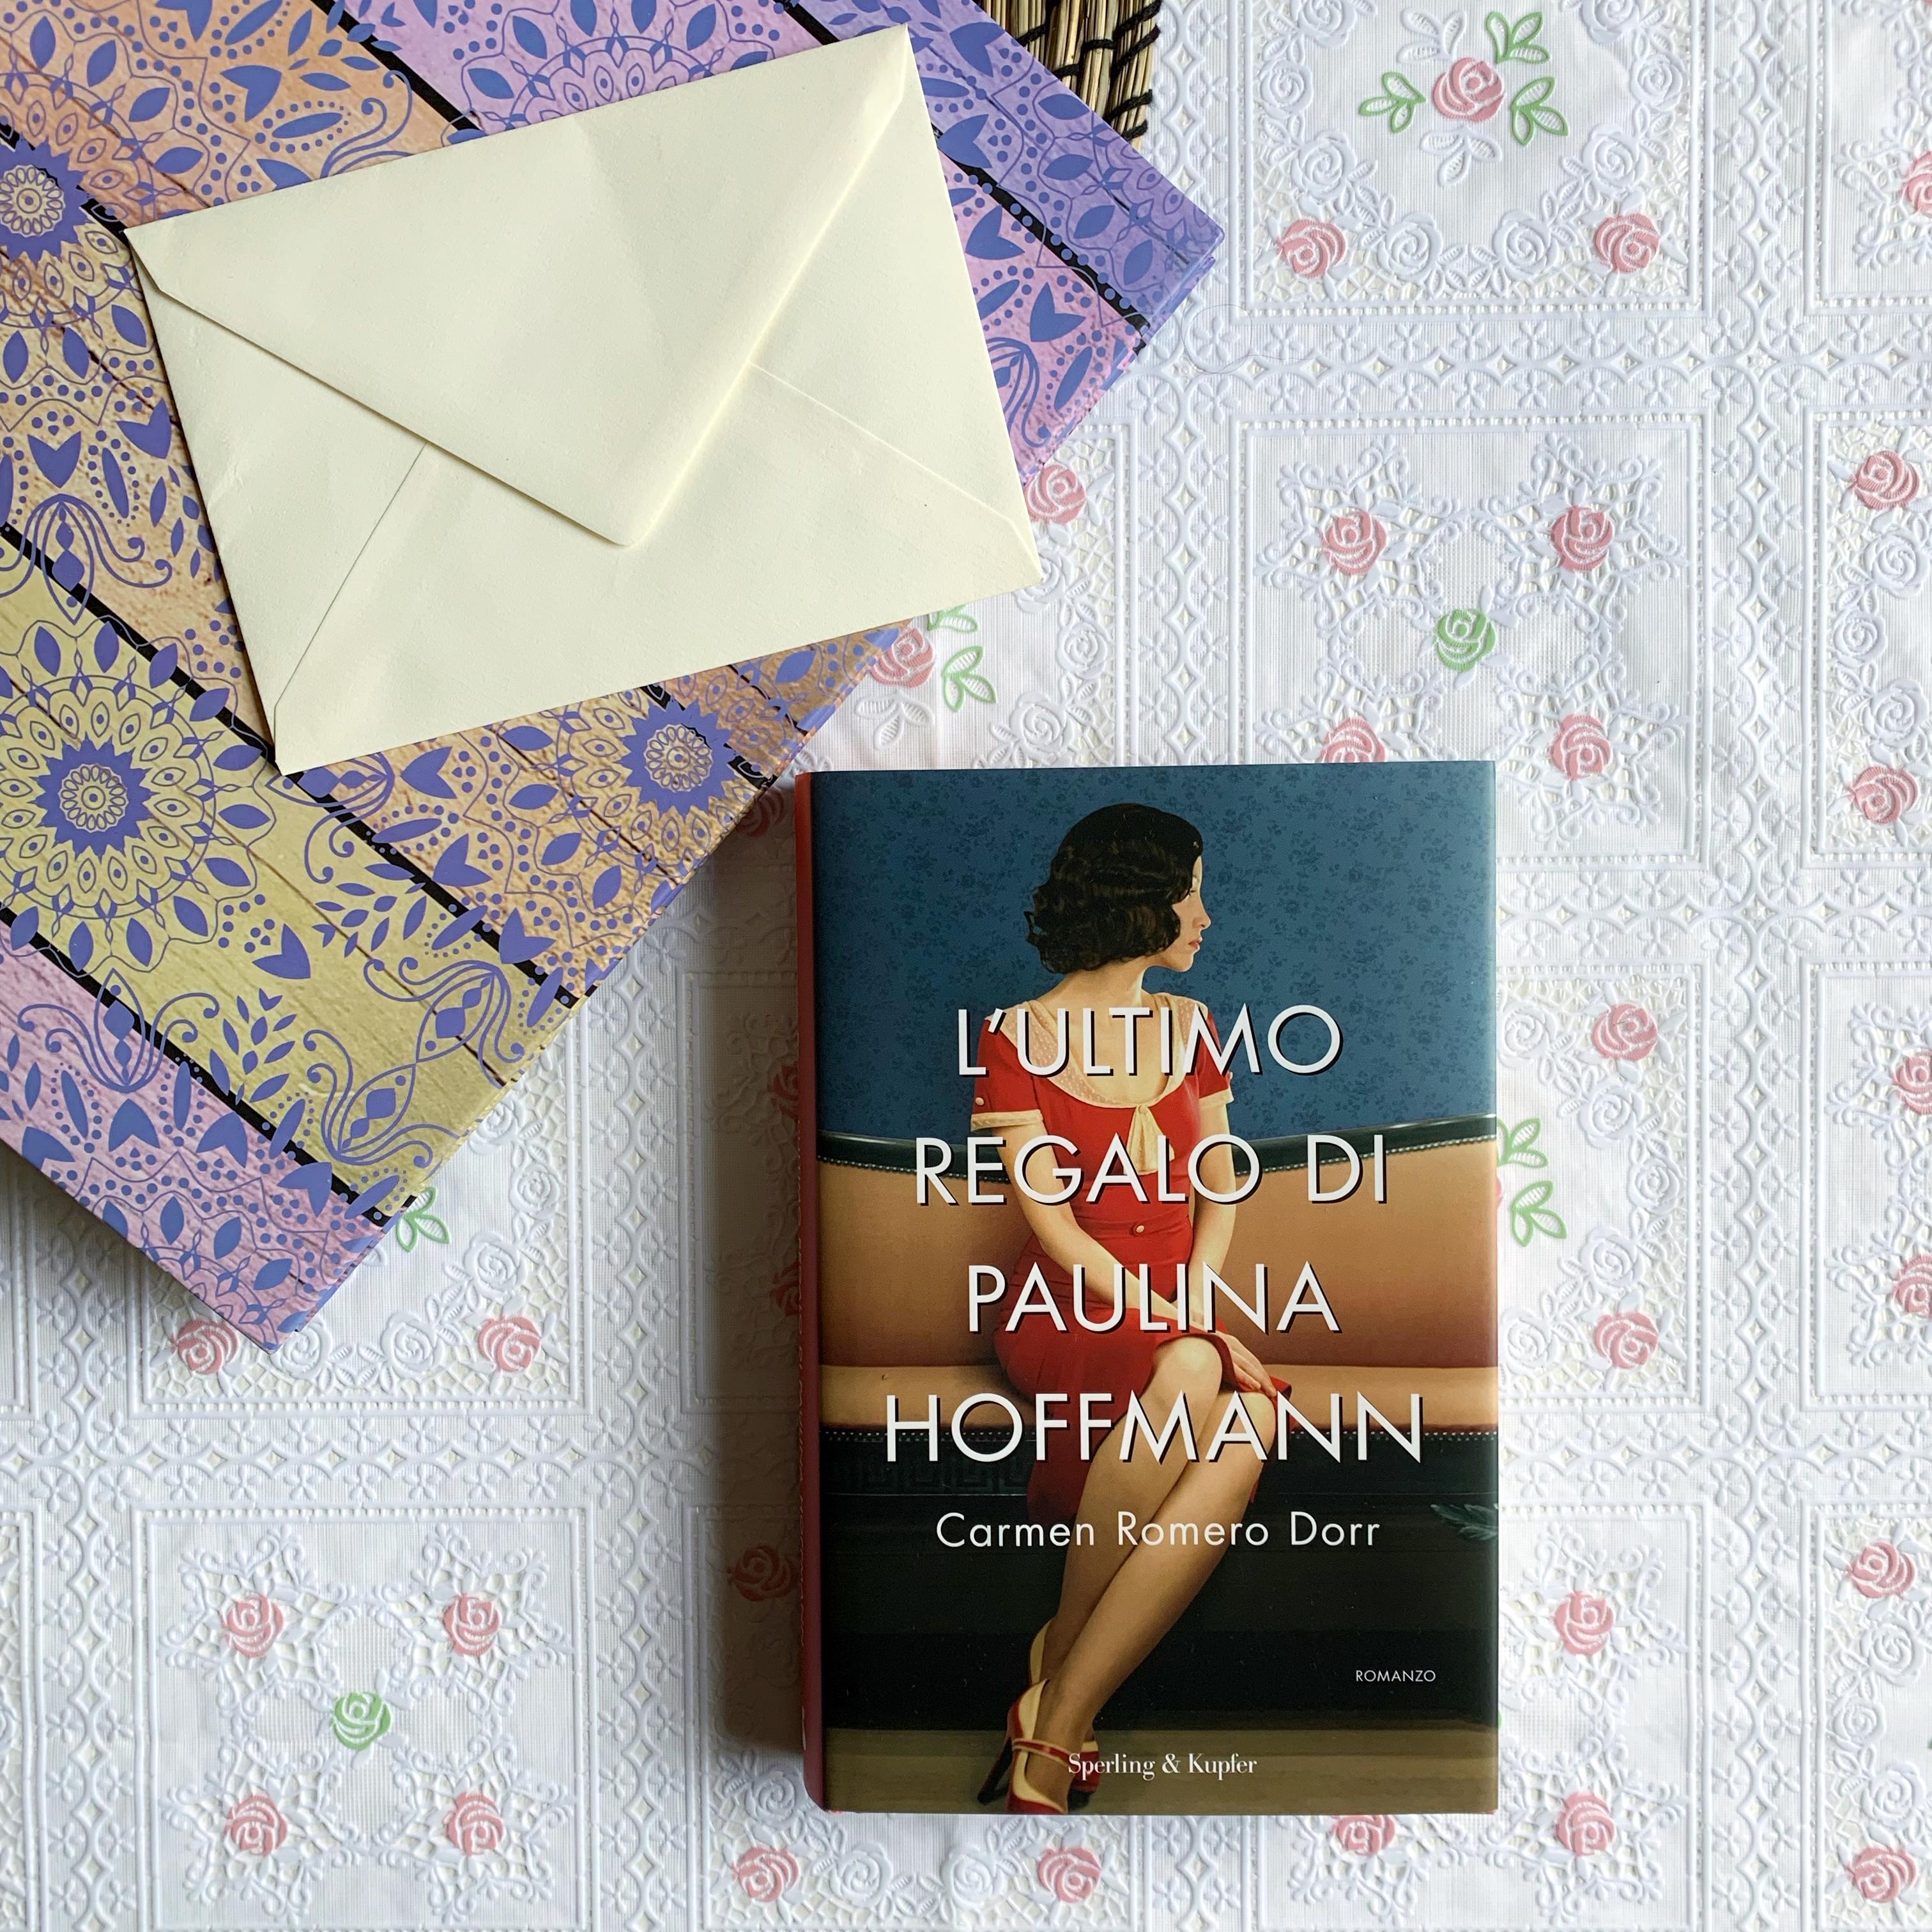 L'ultimo regalo di Paulina Hoffmann, Carmen Romero Dorr, Sperling&Kupfer, Storia, Romanzo, Amore, Famiglia, Guerra, Nazismo, Russi, Eredità, maternità, lavoro